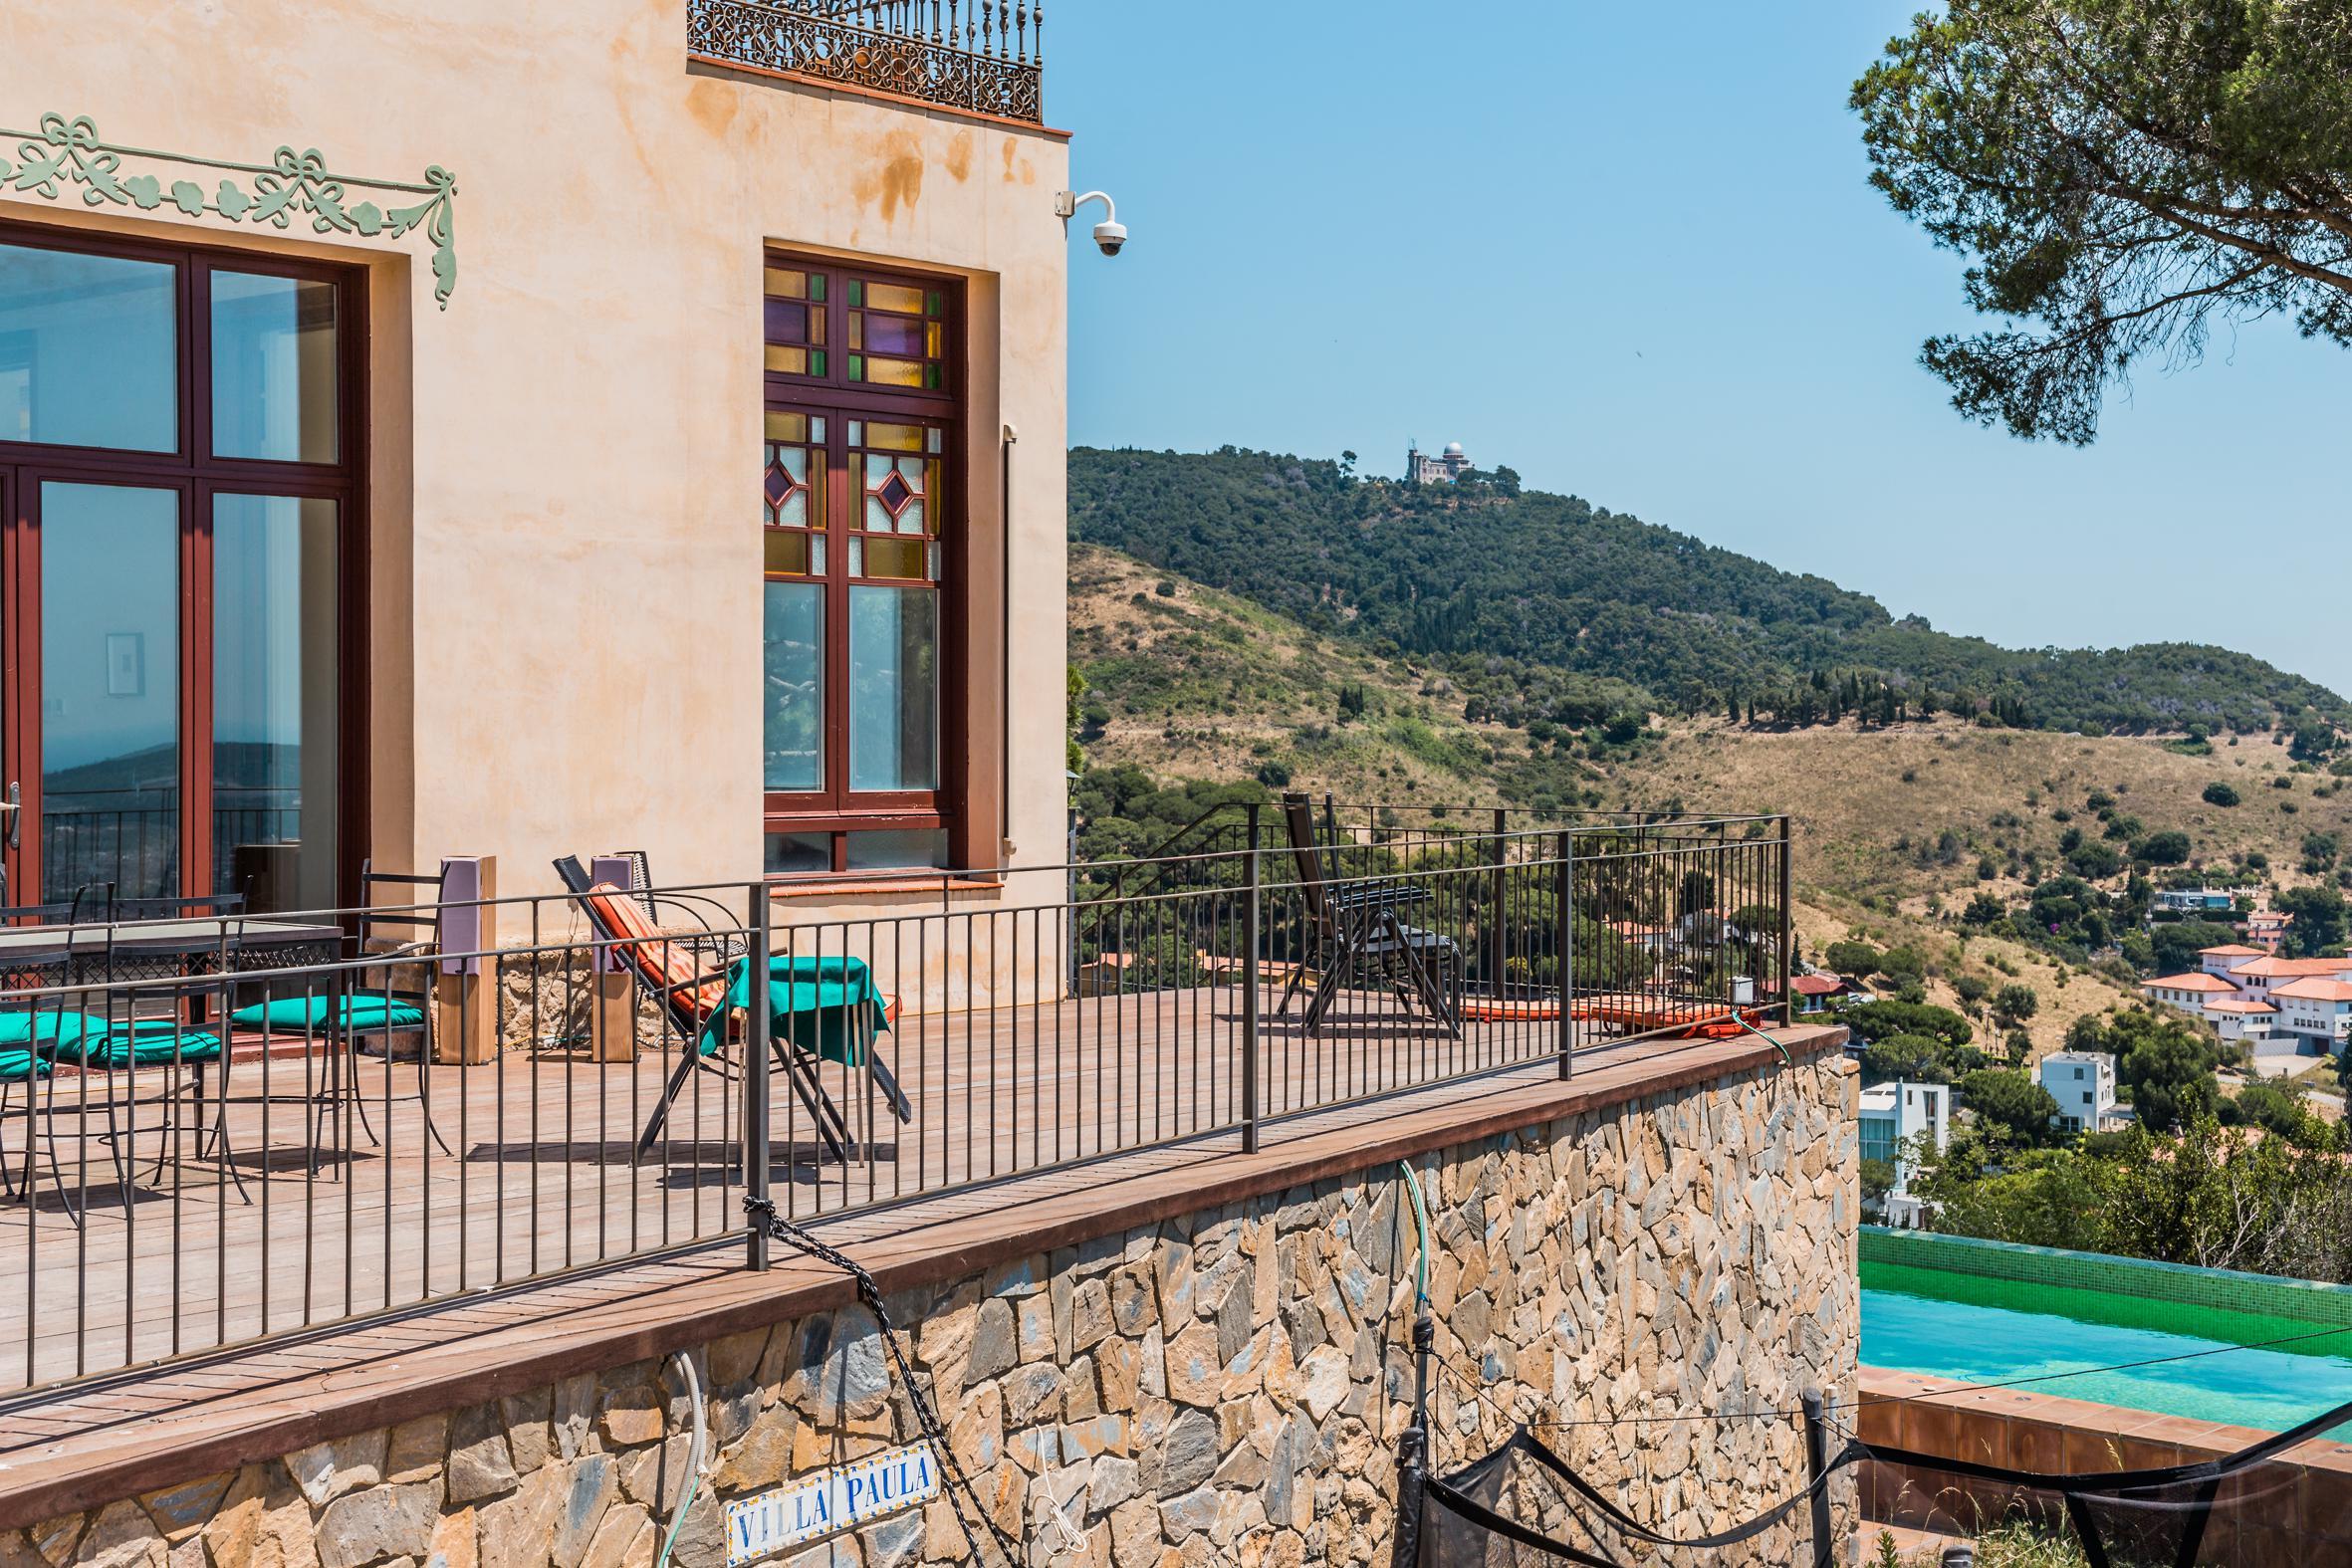 208148 Casa Aislada en venta en Sarrià-Sant Gervasi, Sarrià 9